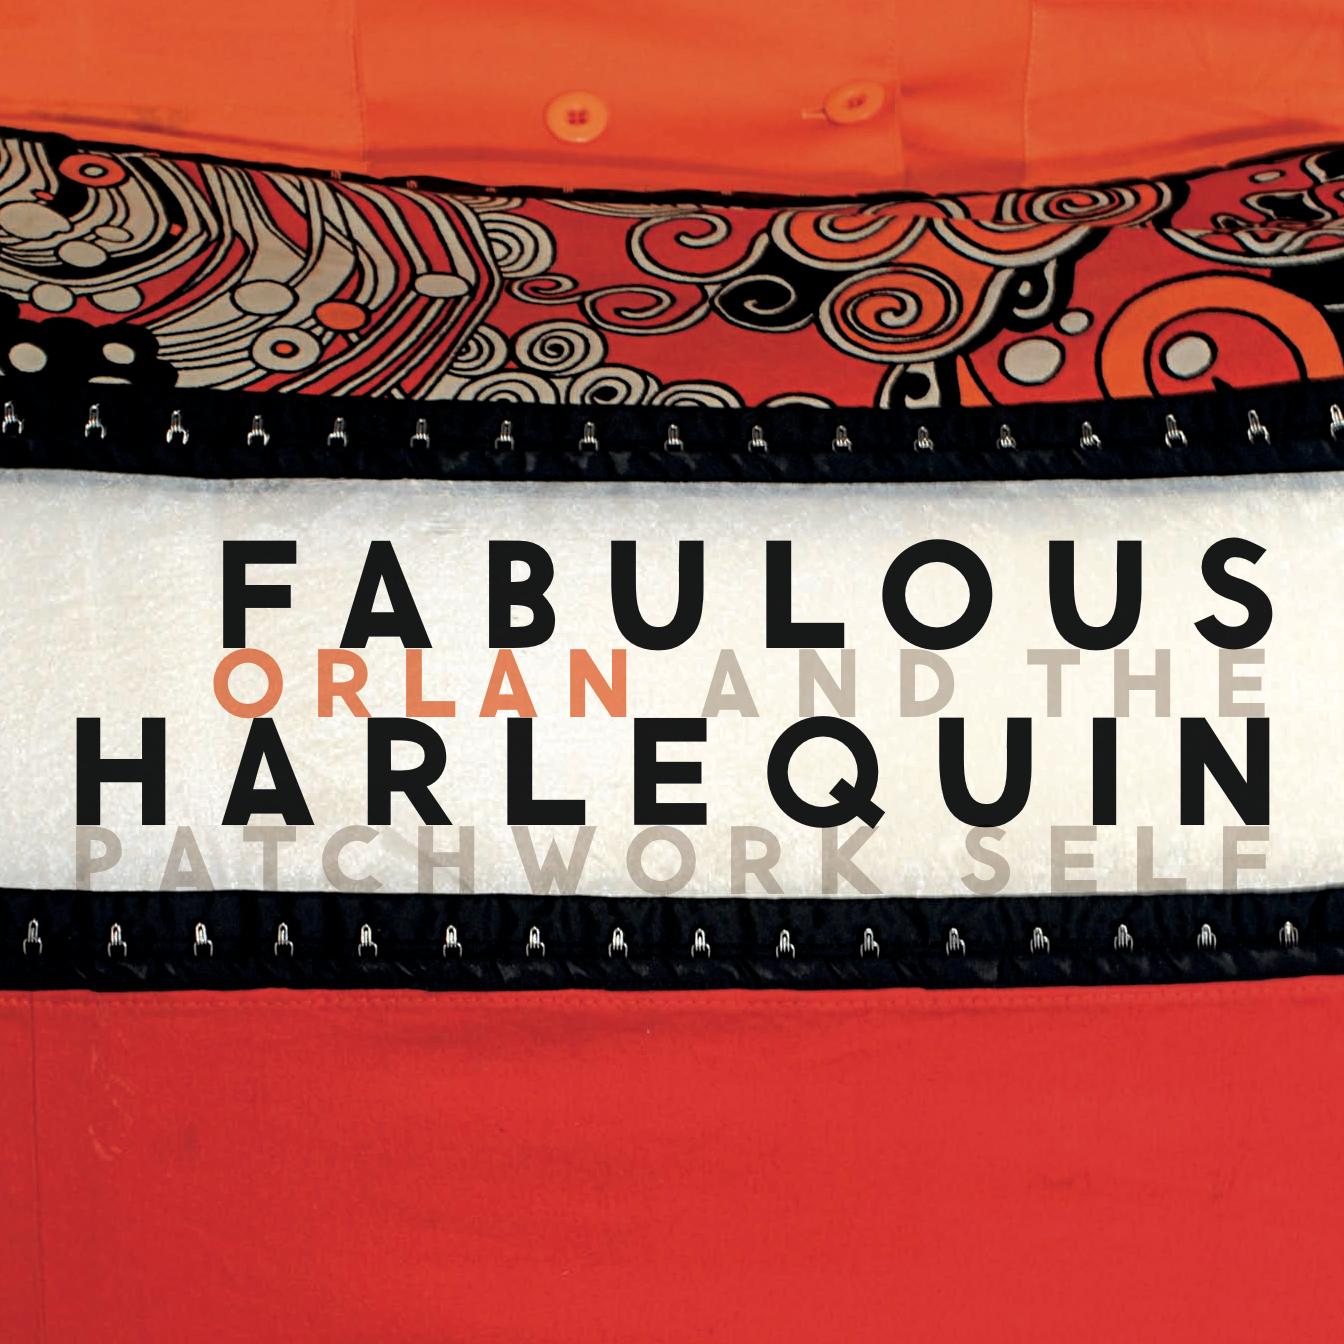 FABULOUS HARLEQUIN